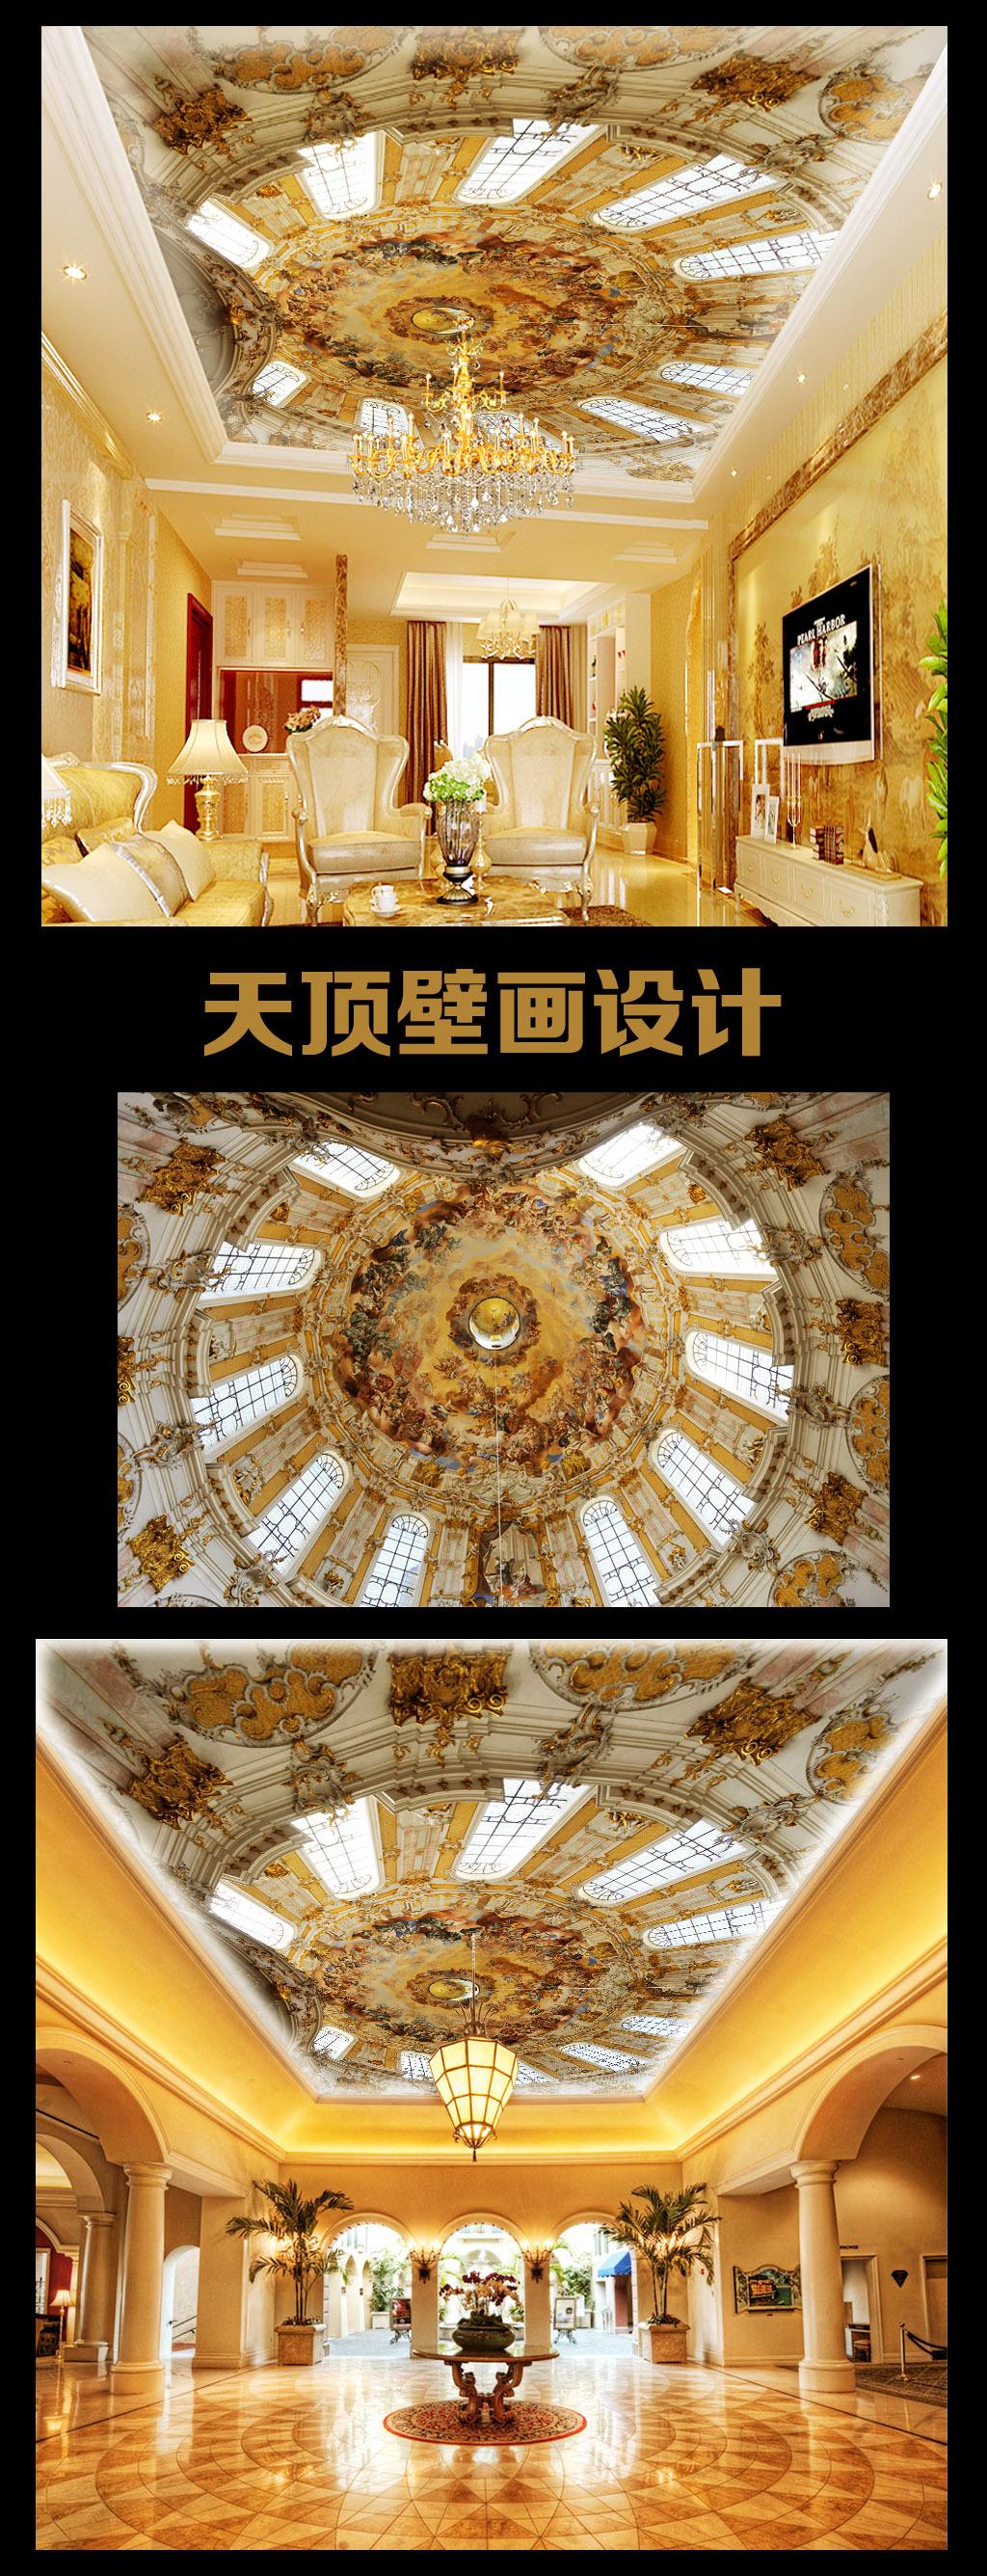 圆顶欧式天花板天顶集成吊顶墙纸装饰画壁画图片